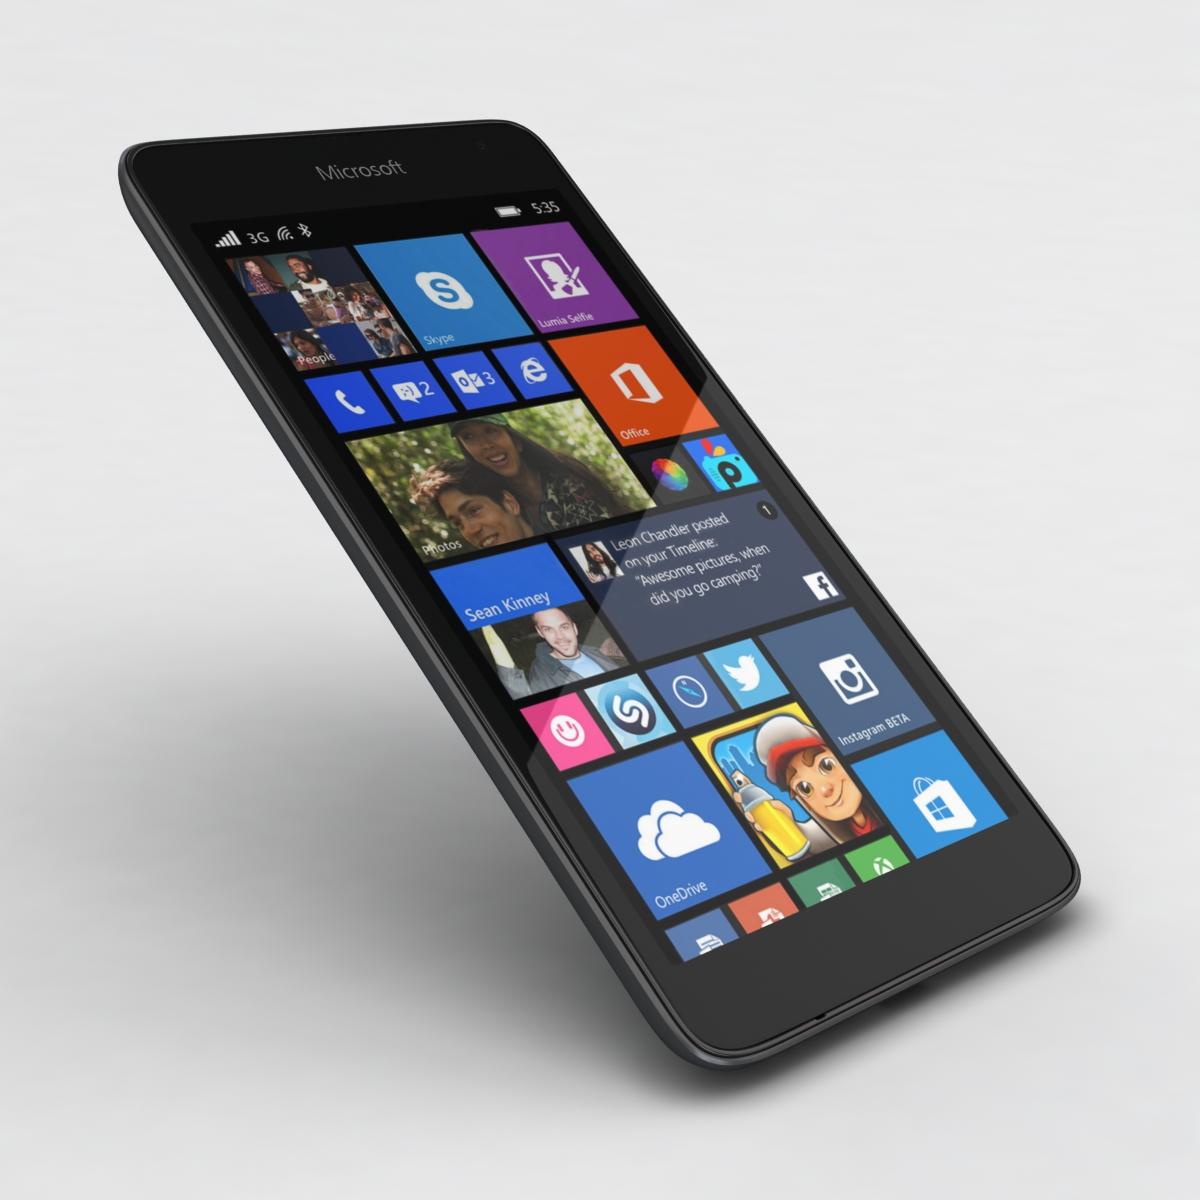 microsoft lumia 535 and dual sim gray 3d model 3ds max fbx c4d obj 204473